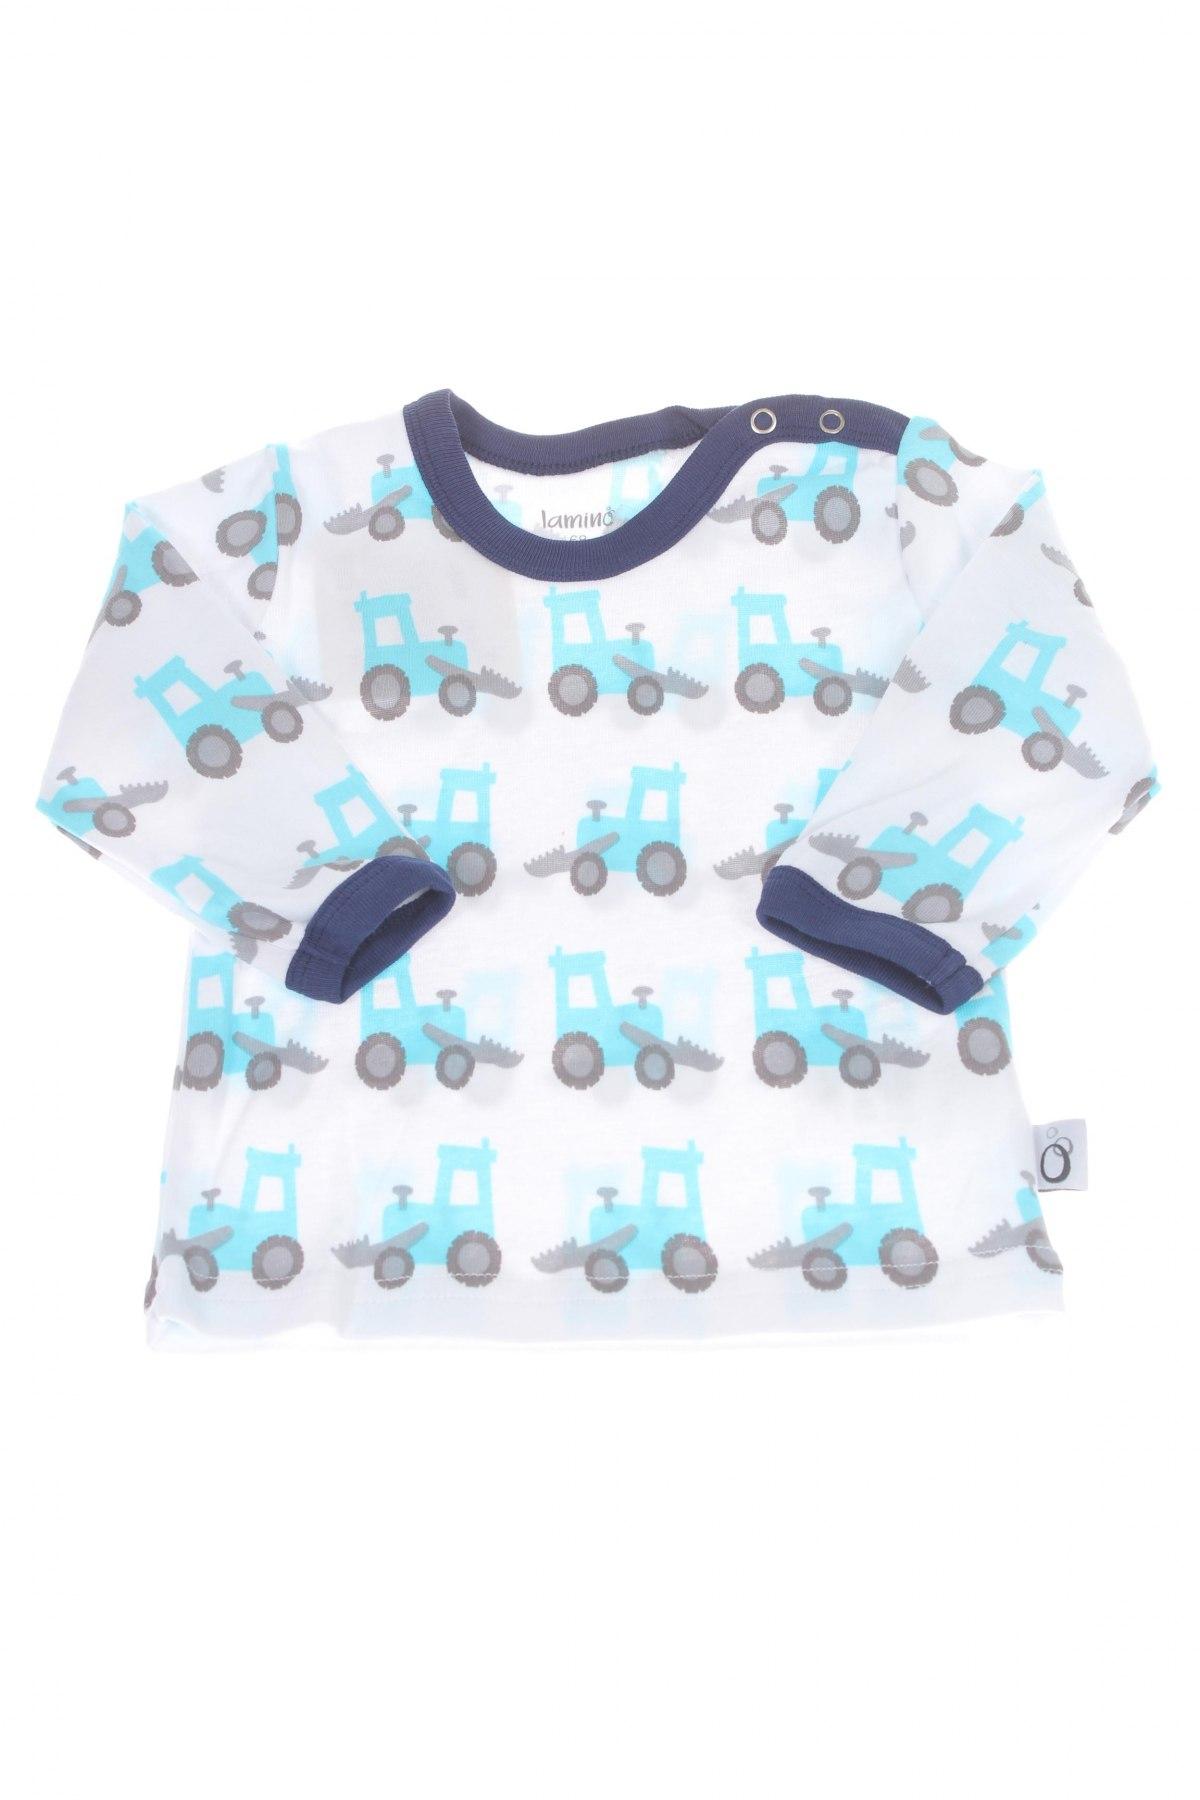 Παιδική μπλούζα Lamino